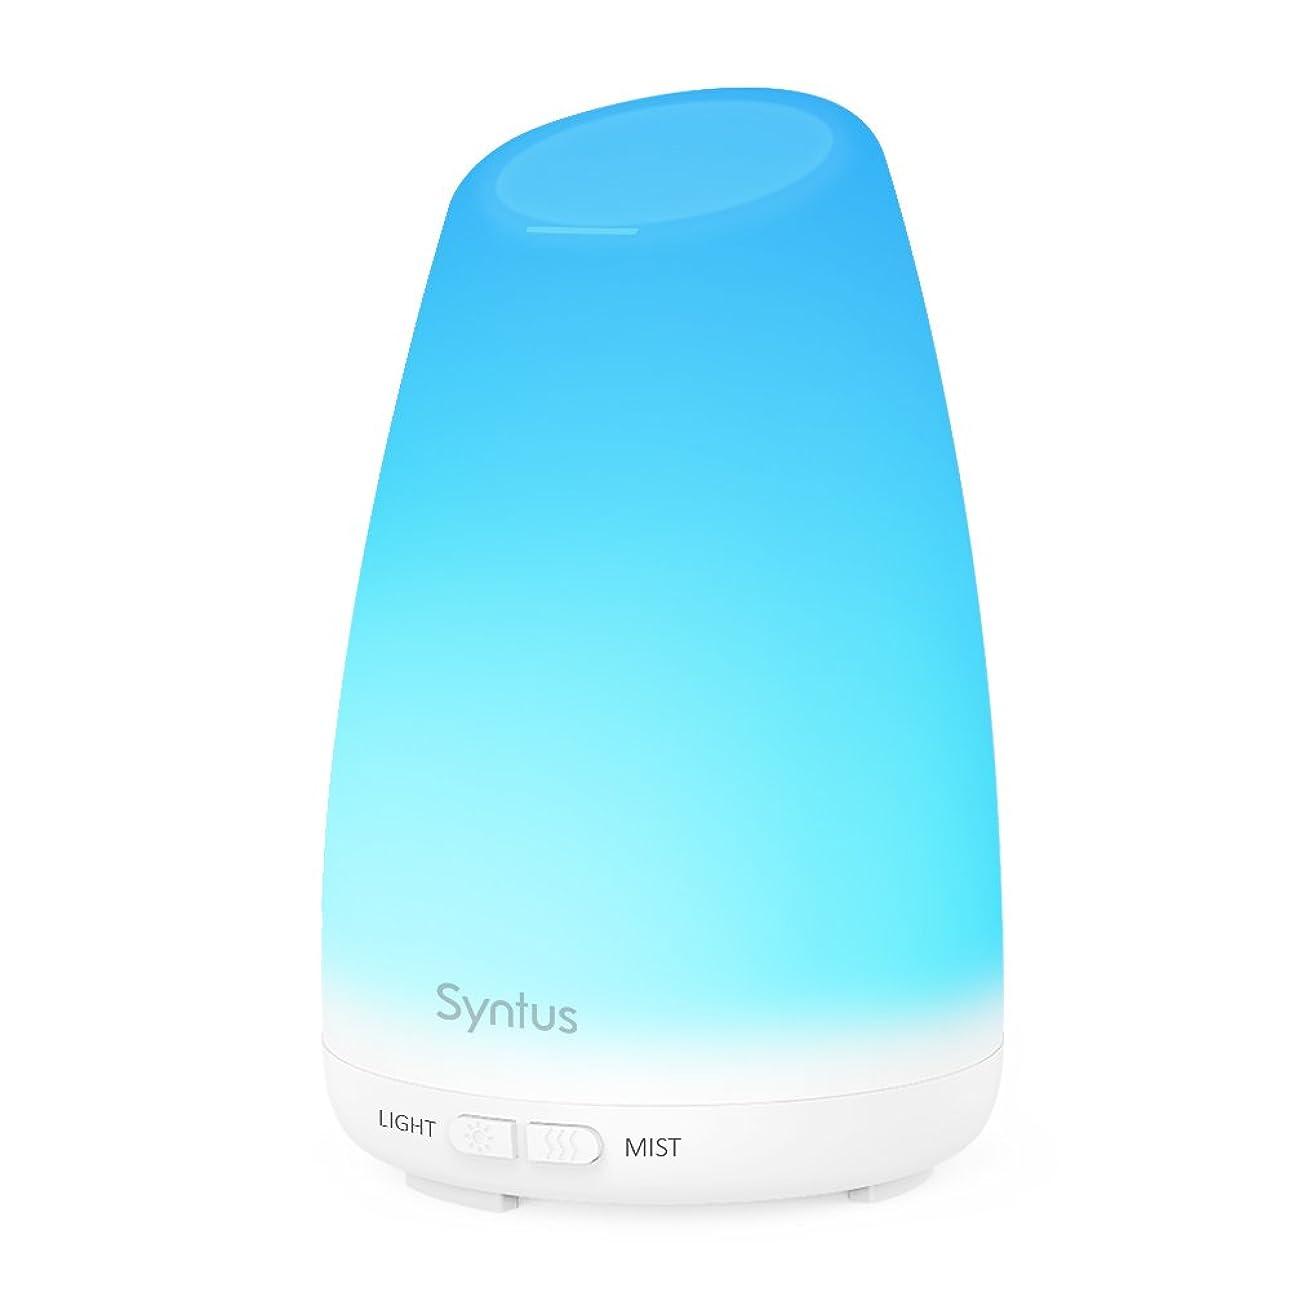 タイプライターパラシュート本能Syntus 150ml エッセンシャルオイルディフューザー ポータブル超音波式アロマセラピーディフューザー 7色に変わるLEDライト 変更可能なミストモード 水切れ自動停止機能